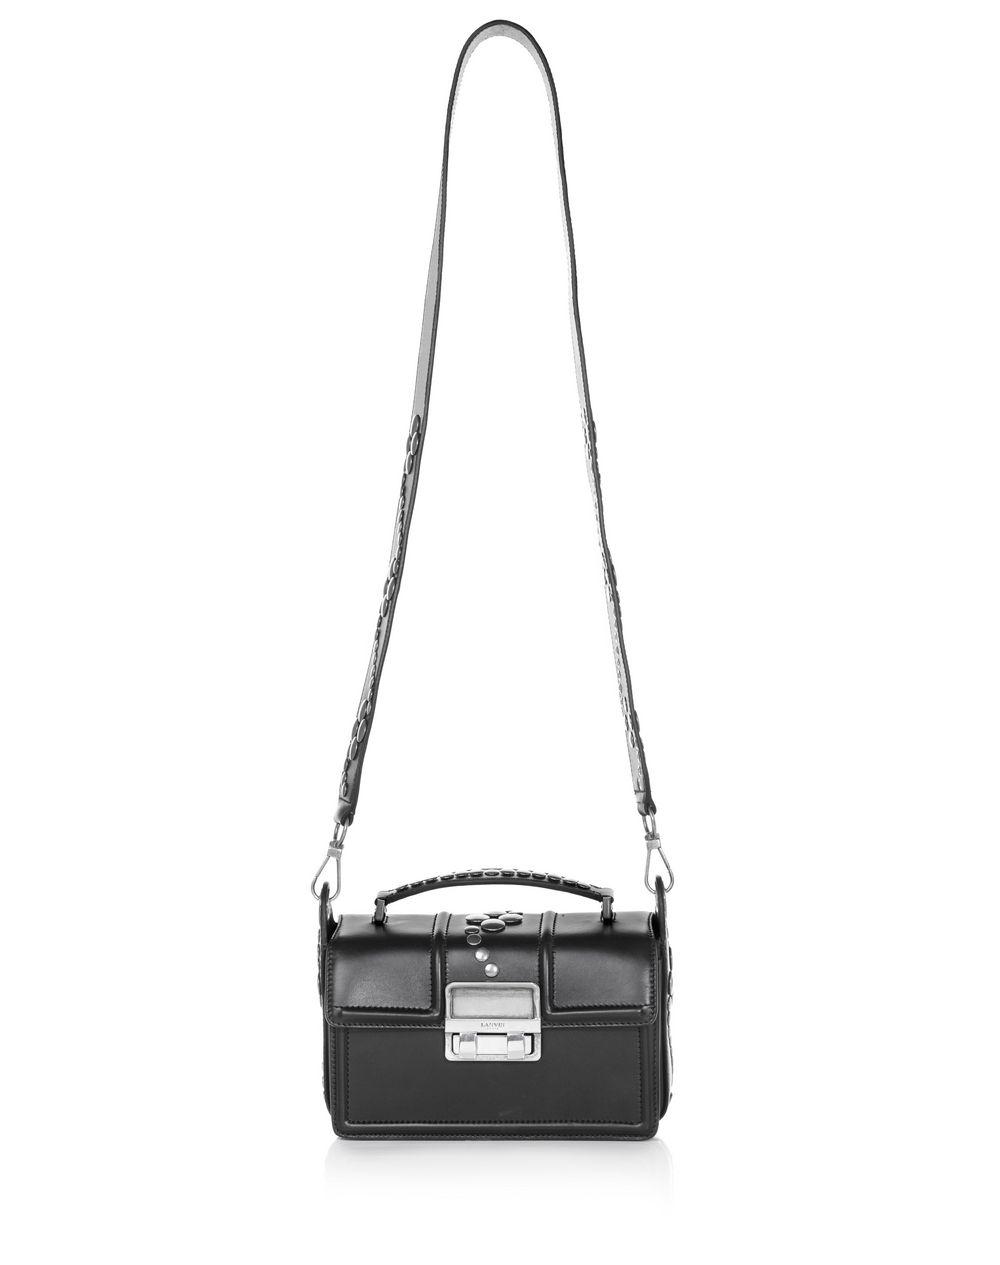 BLACK SMALL BOX JIJI BY LANVIN BAG  - Lanvin